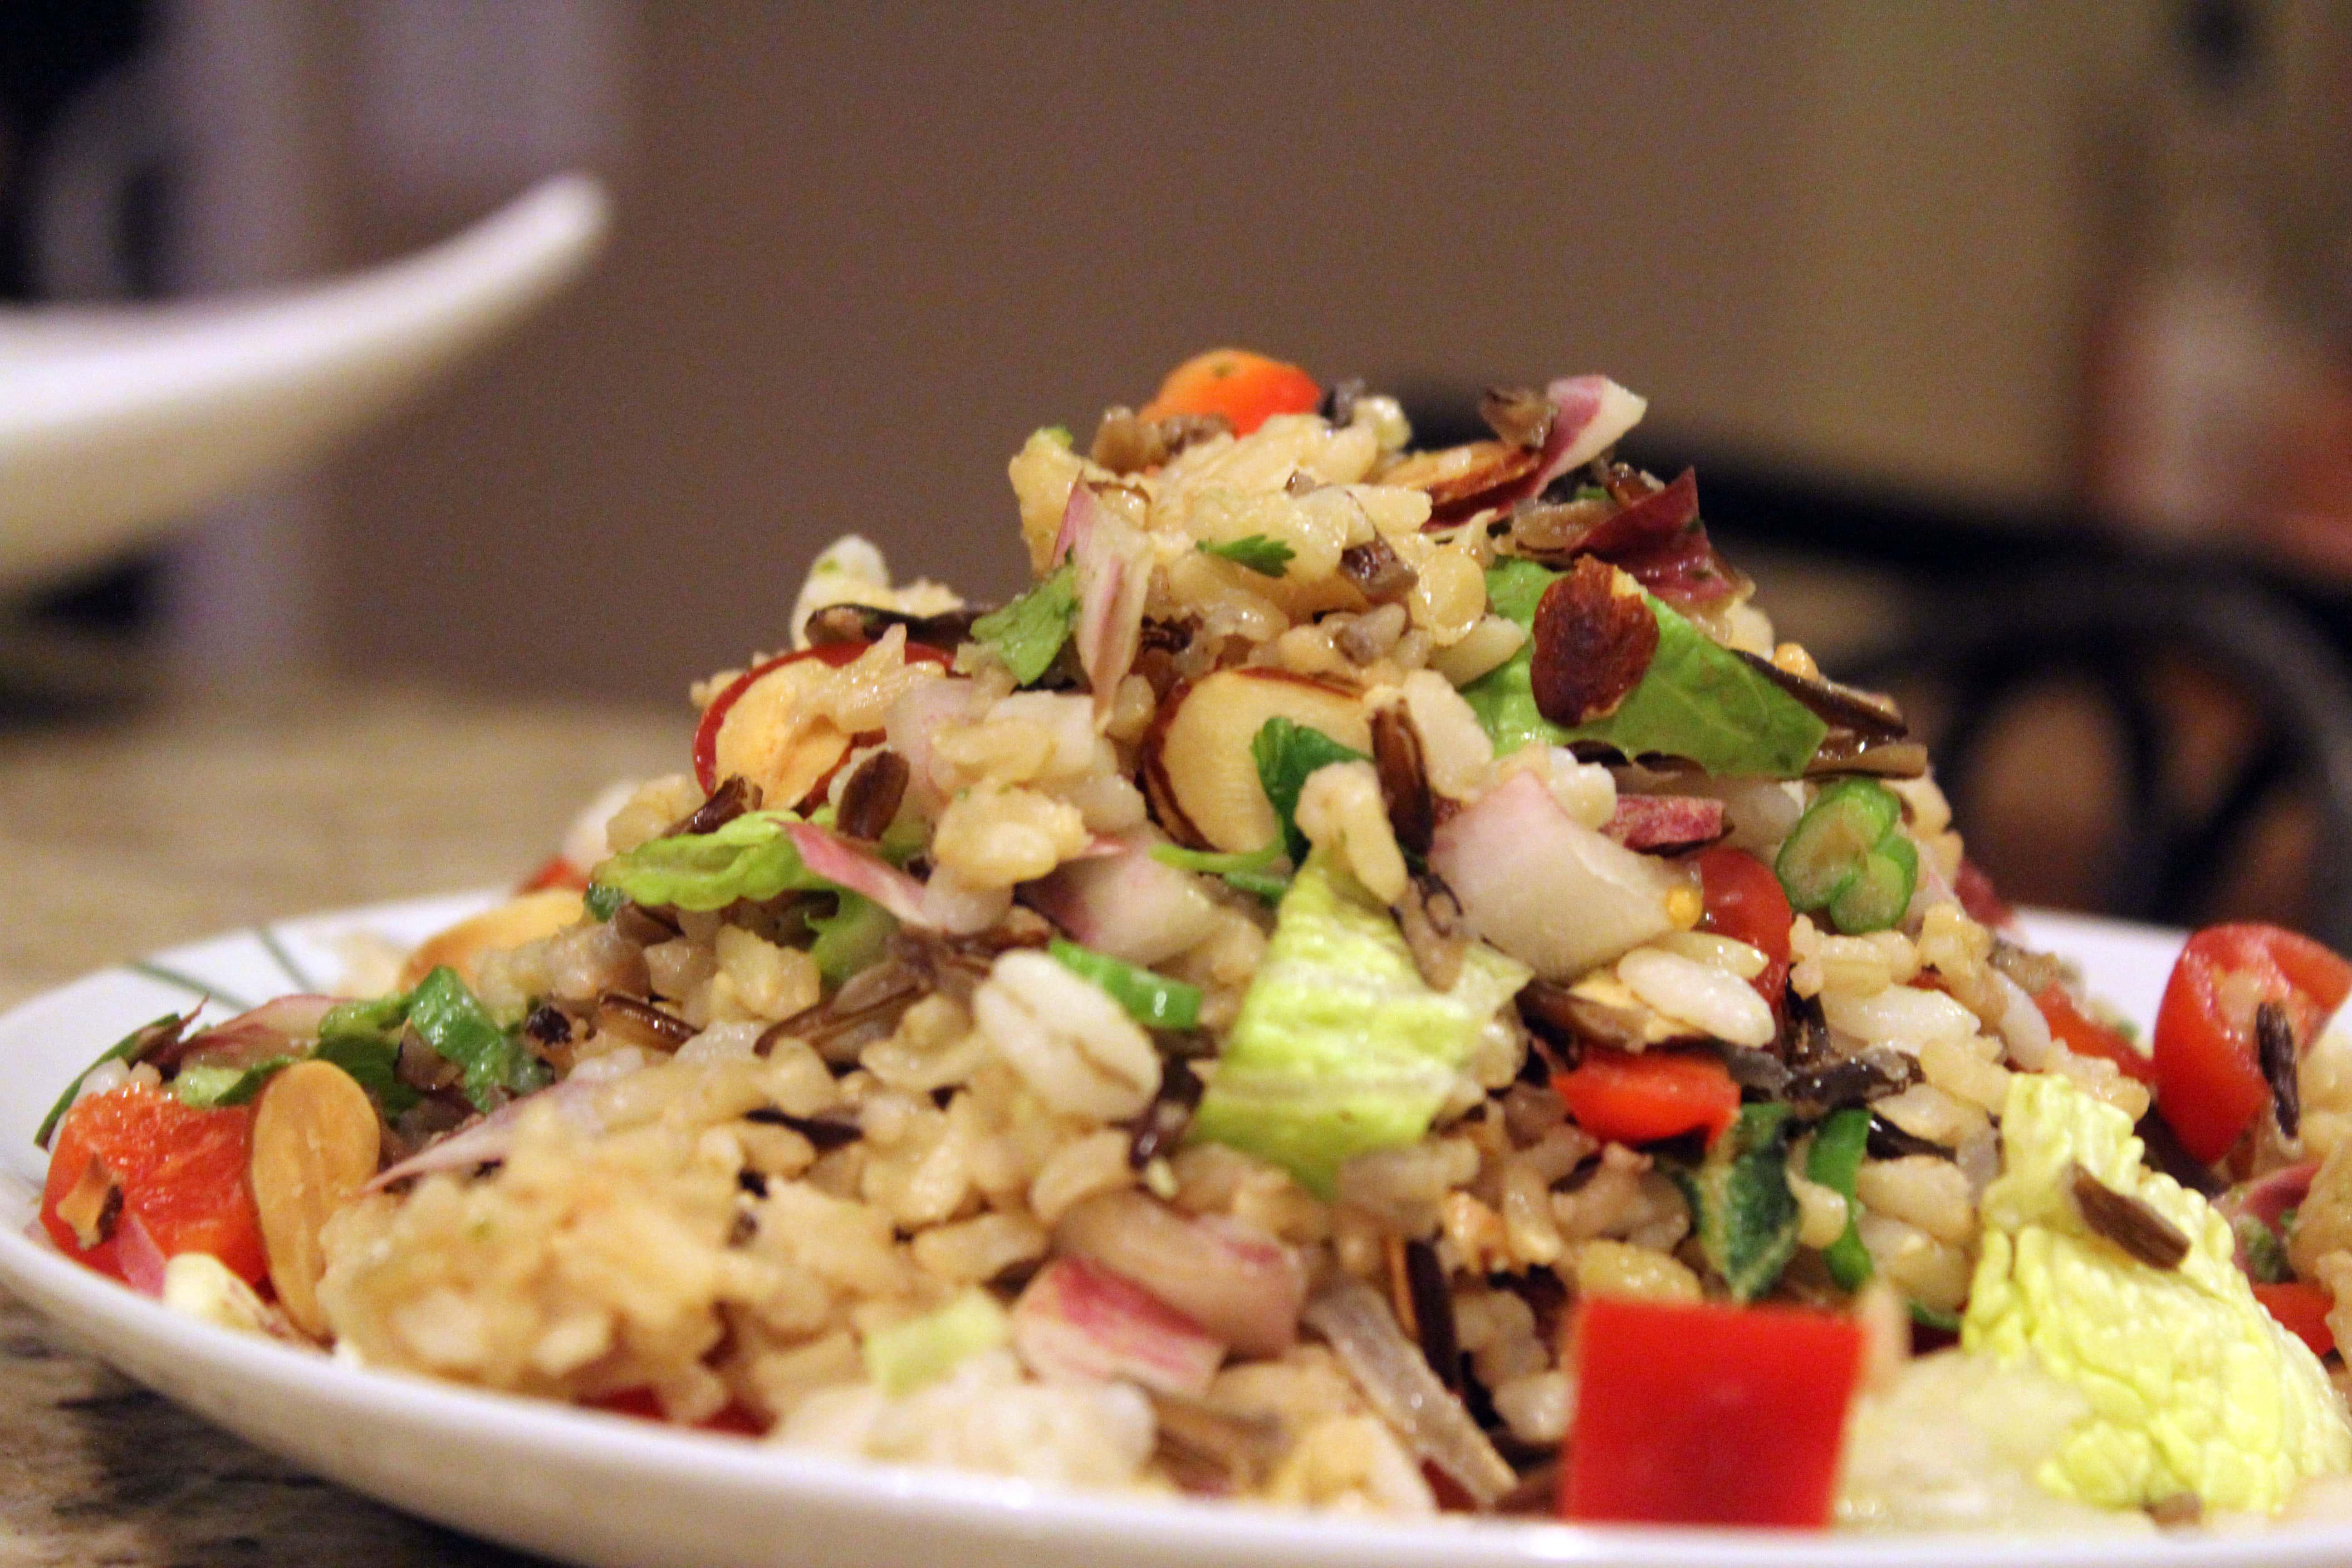 Salad tossed all together